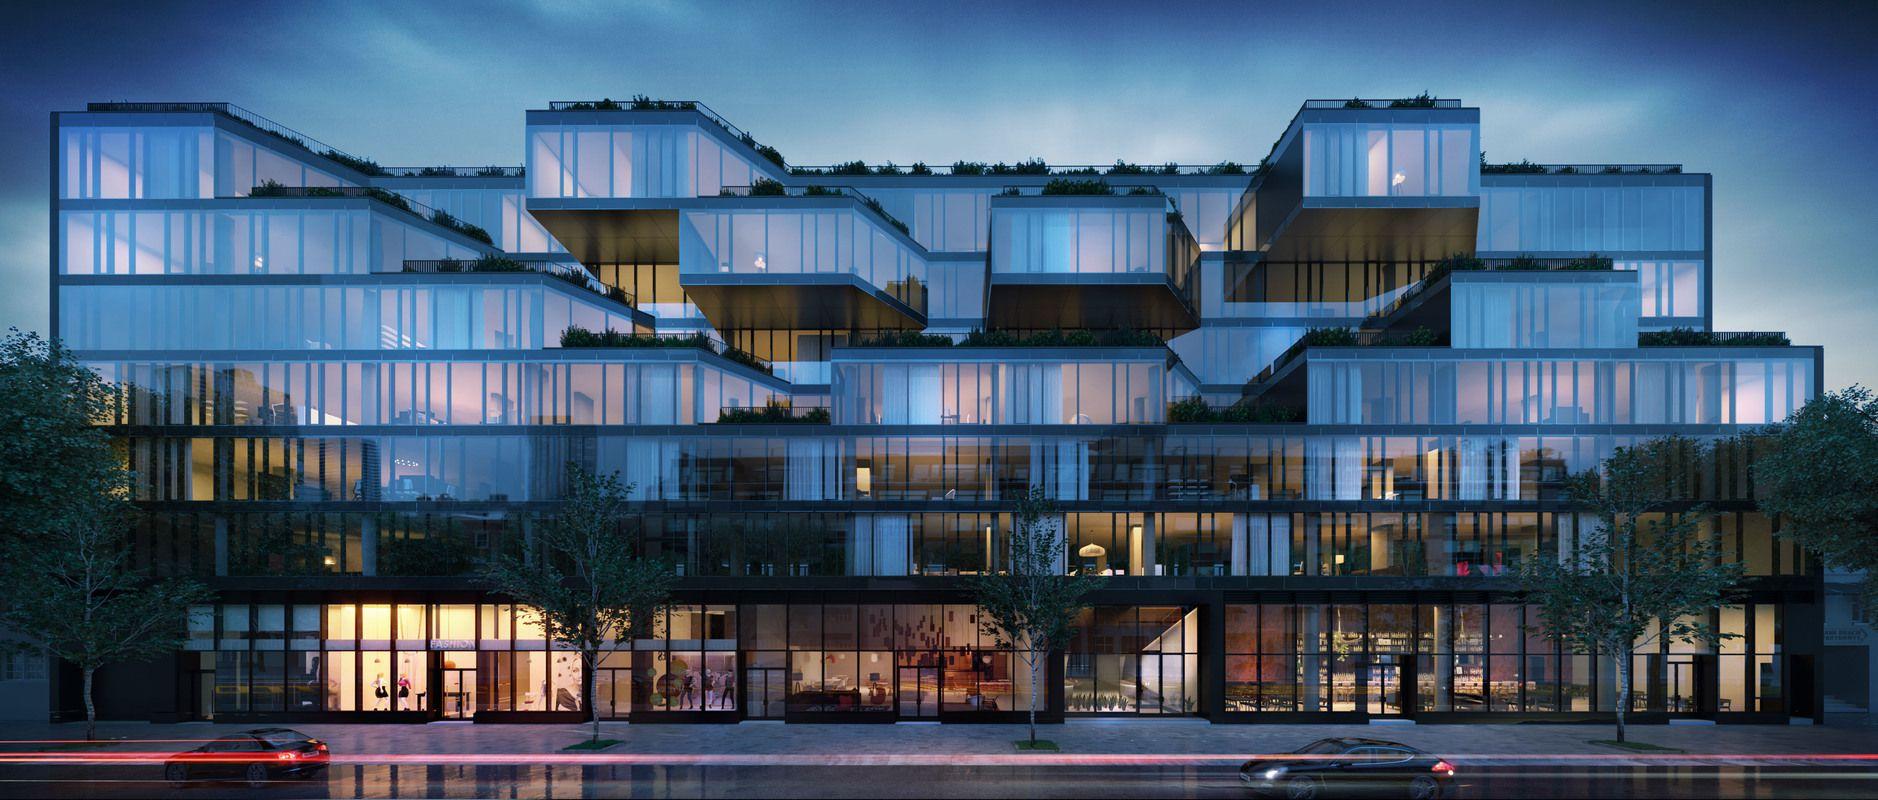 全新玻璃大楼的摩登的外立面